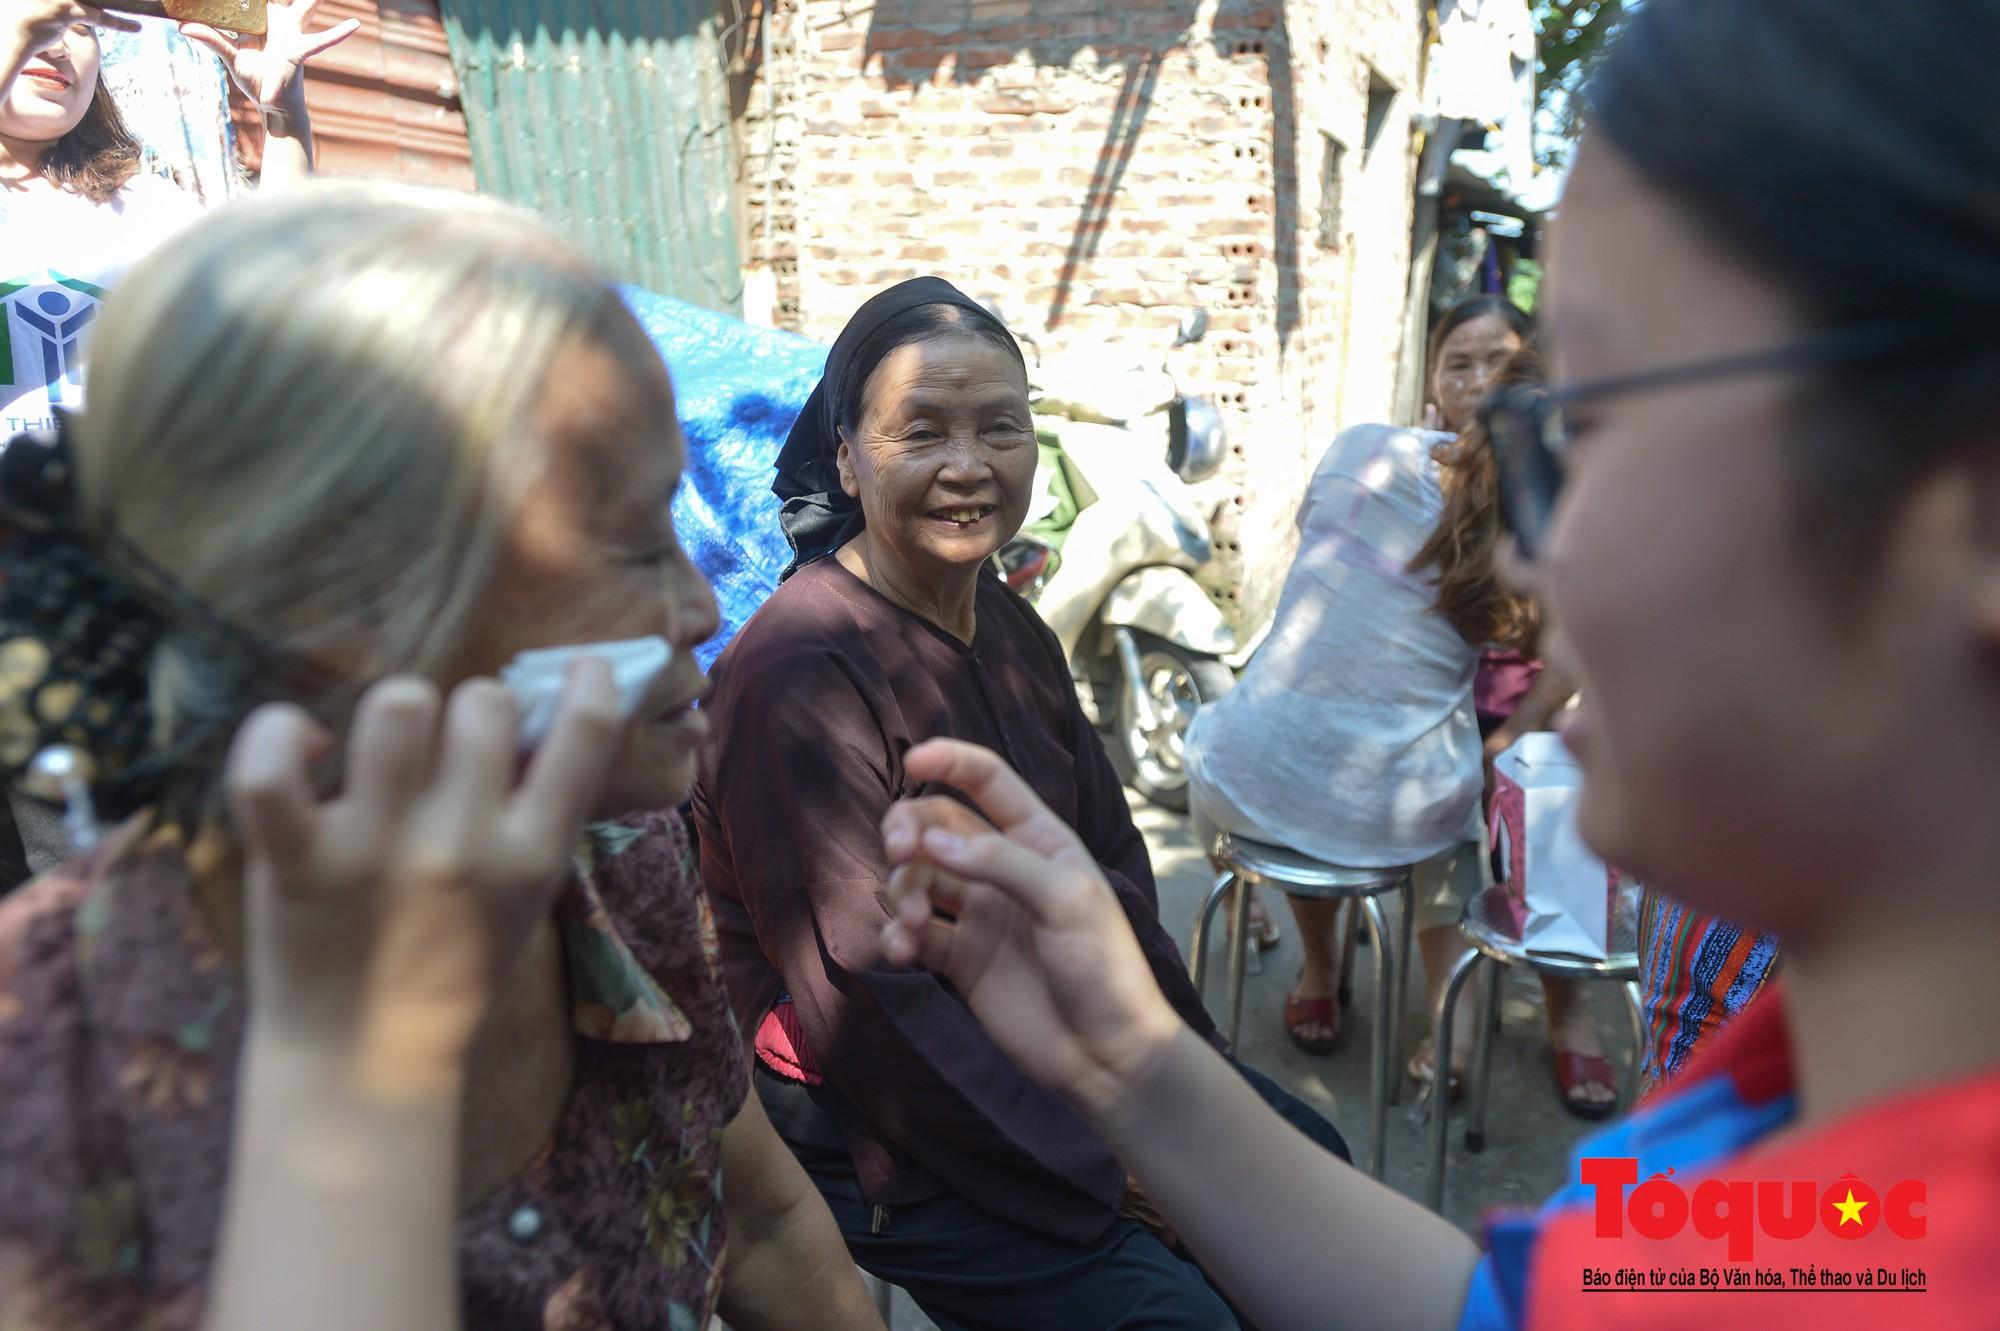 Ngày đẹp nhất của những người phụ nữ nghèo xóm ve chai (4)